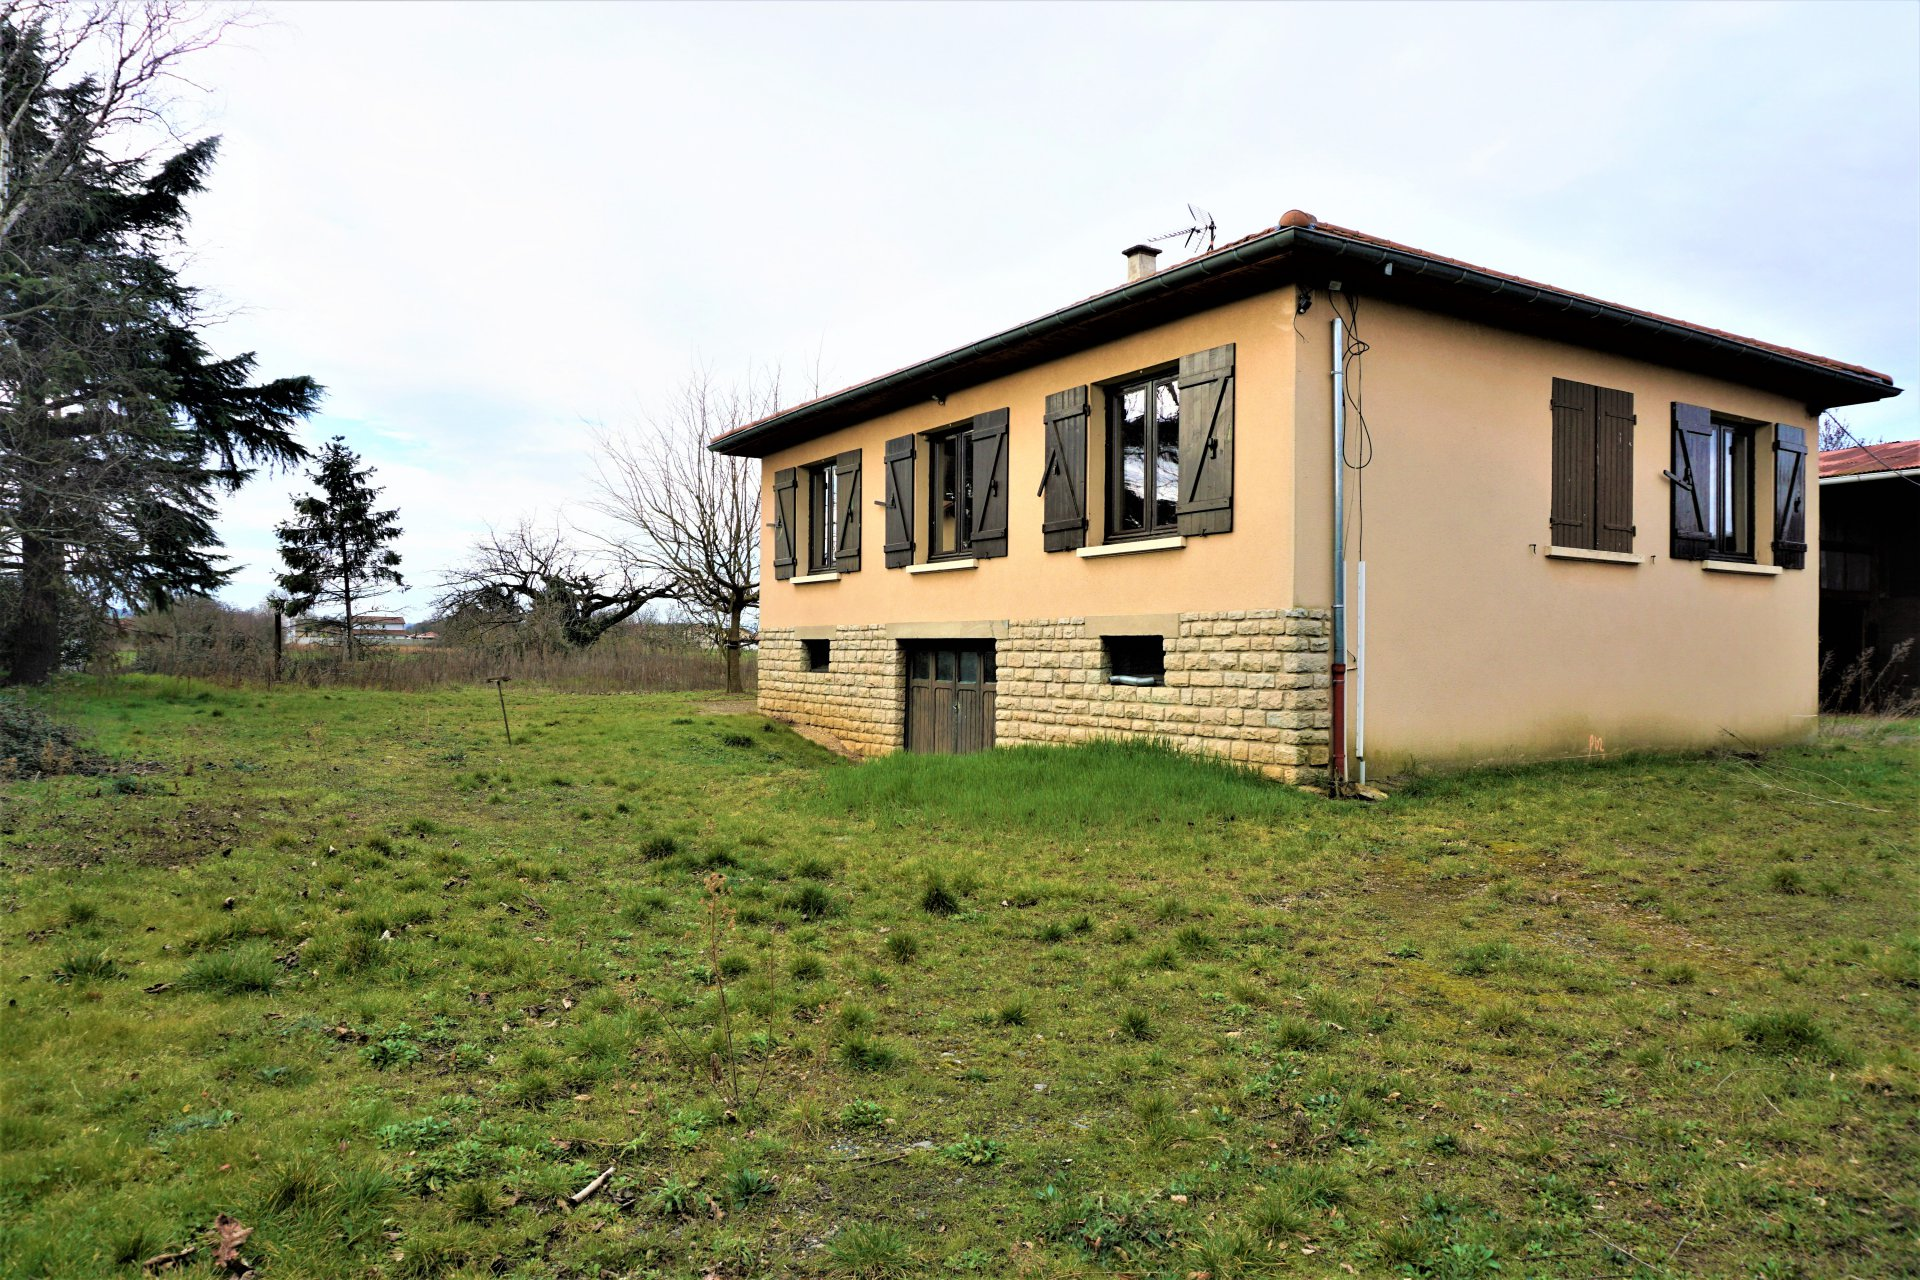 Maison 96m² à rénover